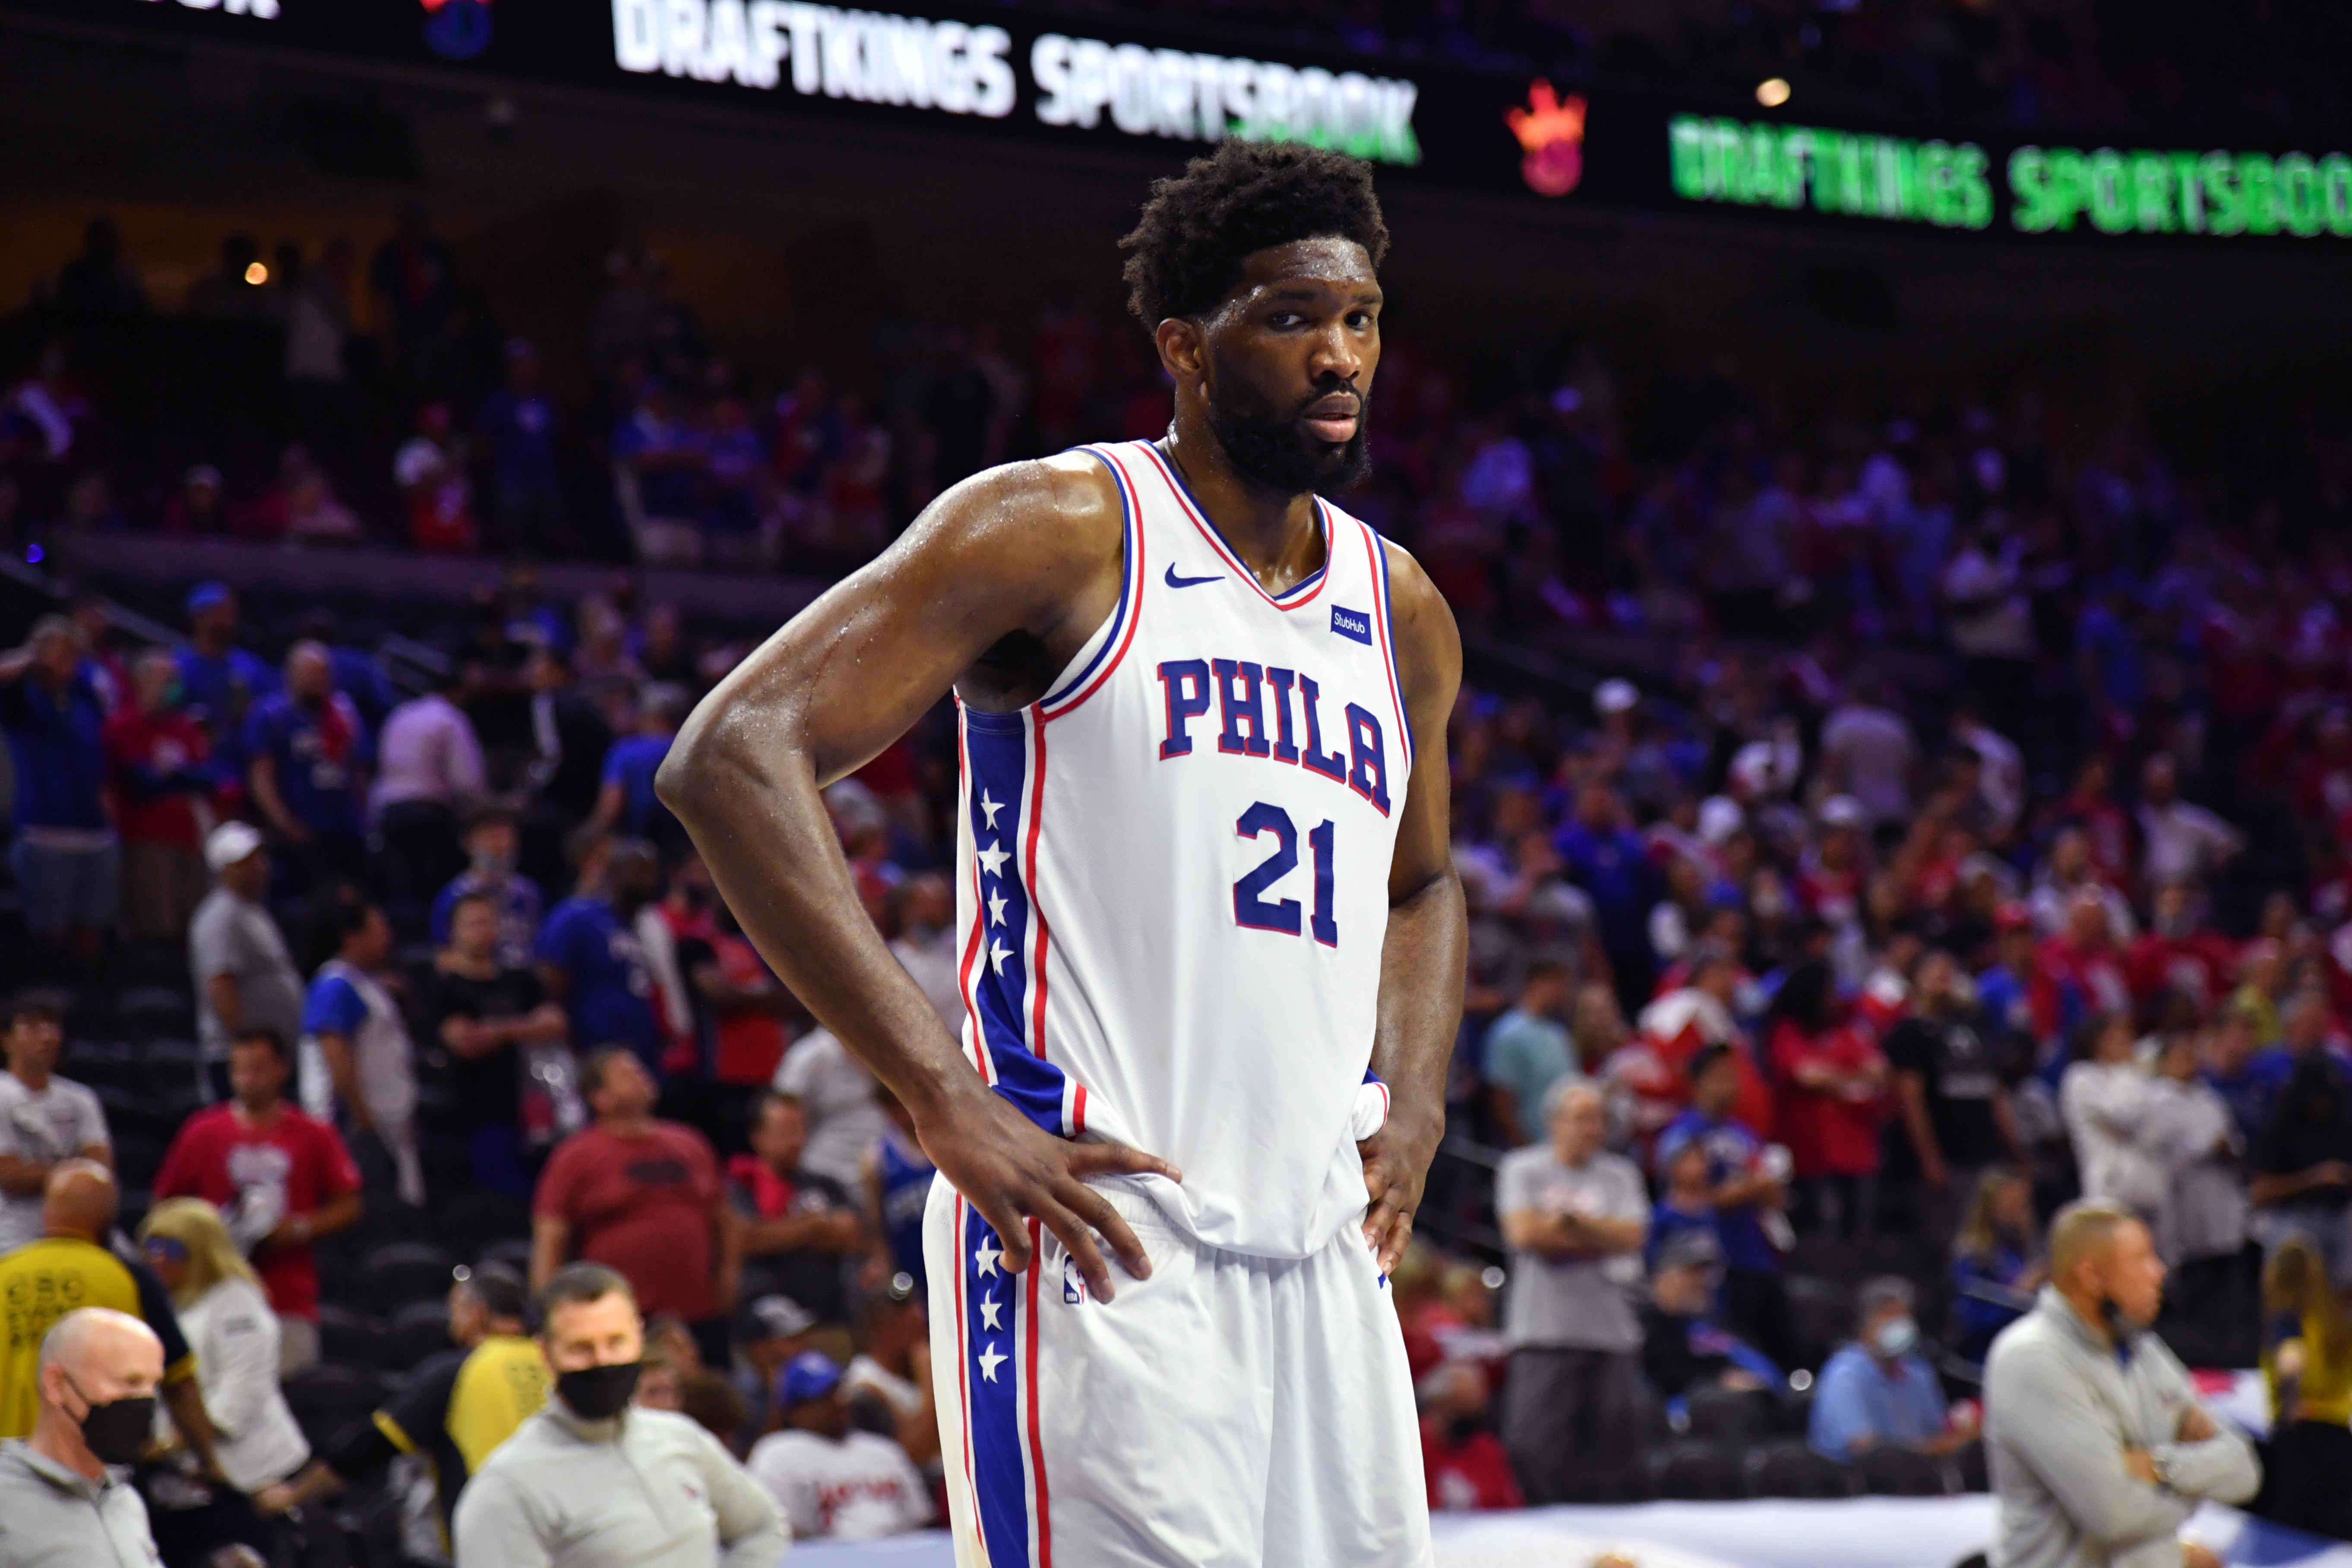 2021年NBA季后赛-亚特兰大老鹰队对费城76人队